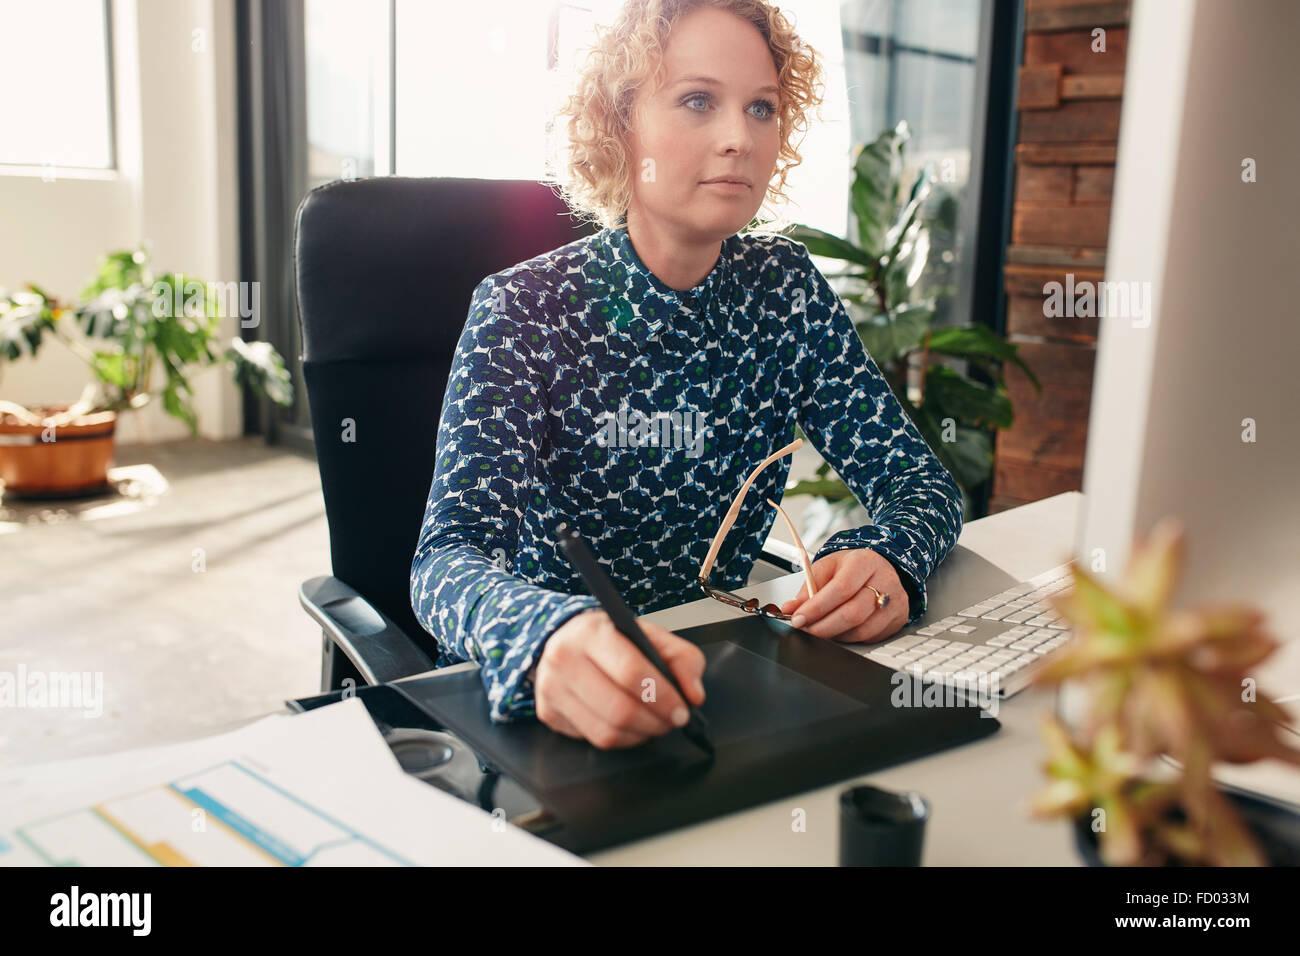 Jeune femme rédactrice à l'aide de tablette graphique pour travailler à son bureau dans le bureau. Photo Stock